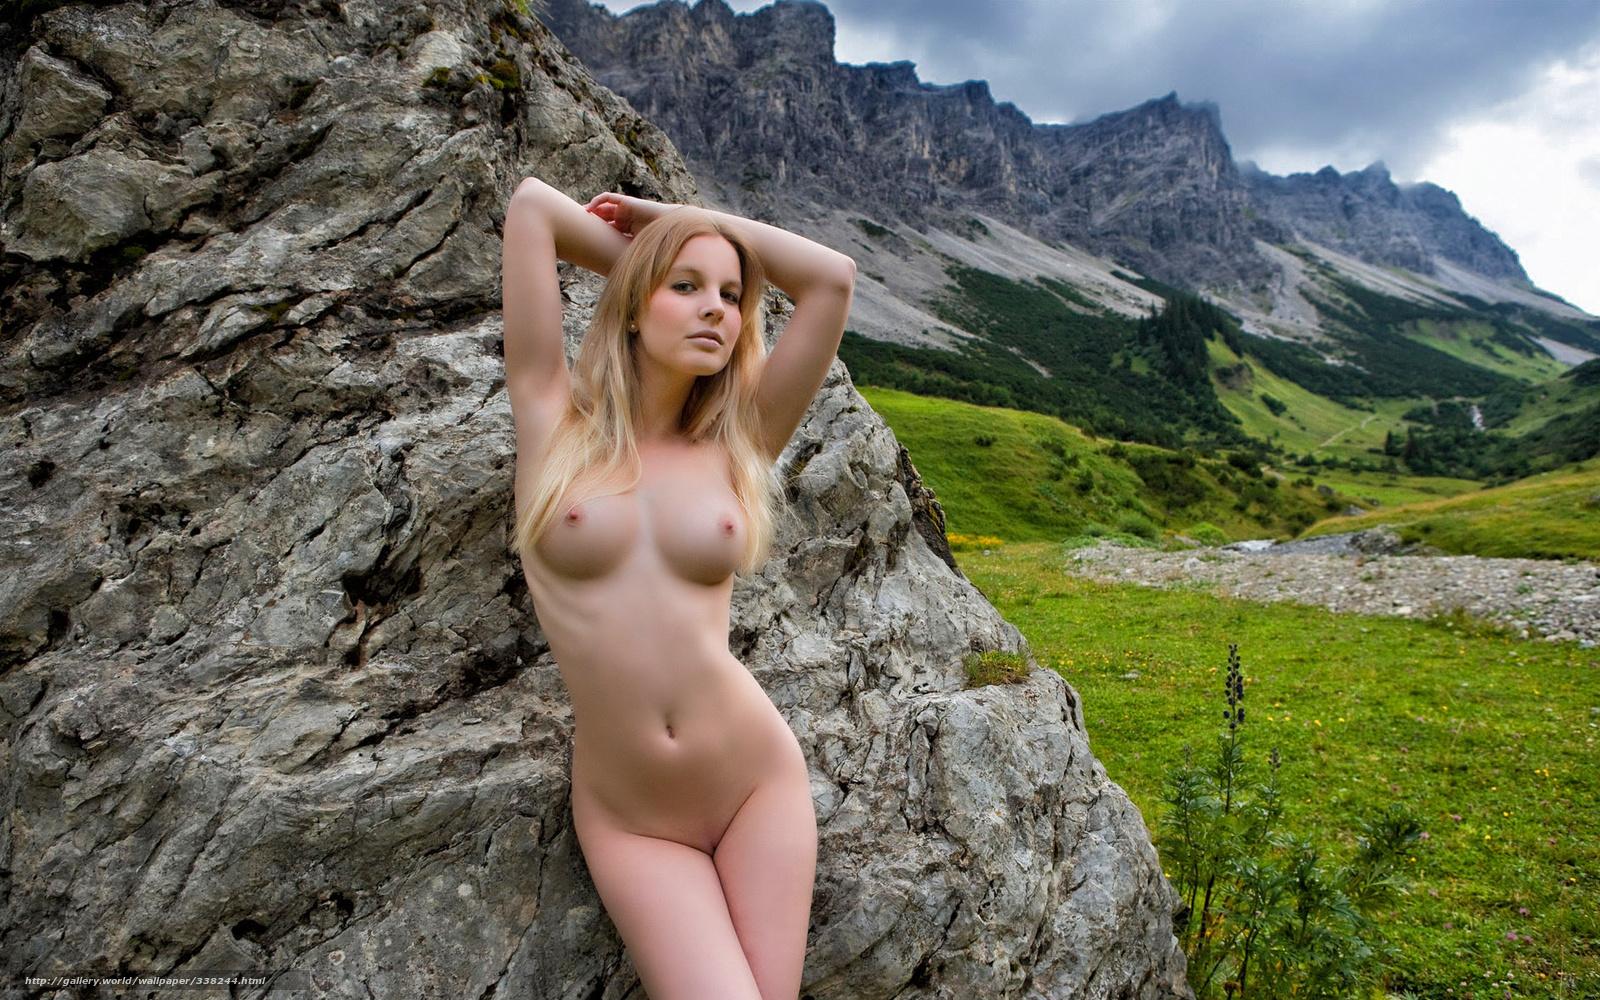 Красотка, голая, обнаженная, блондинка, поза, природа, горы, долина